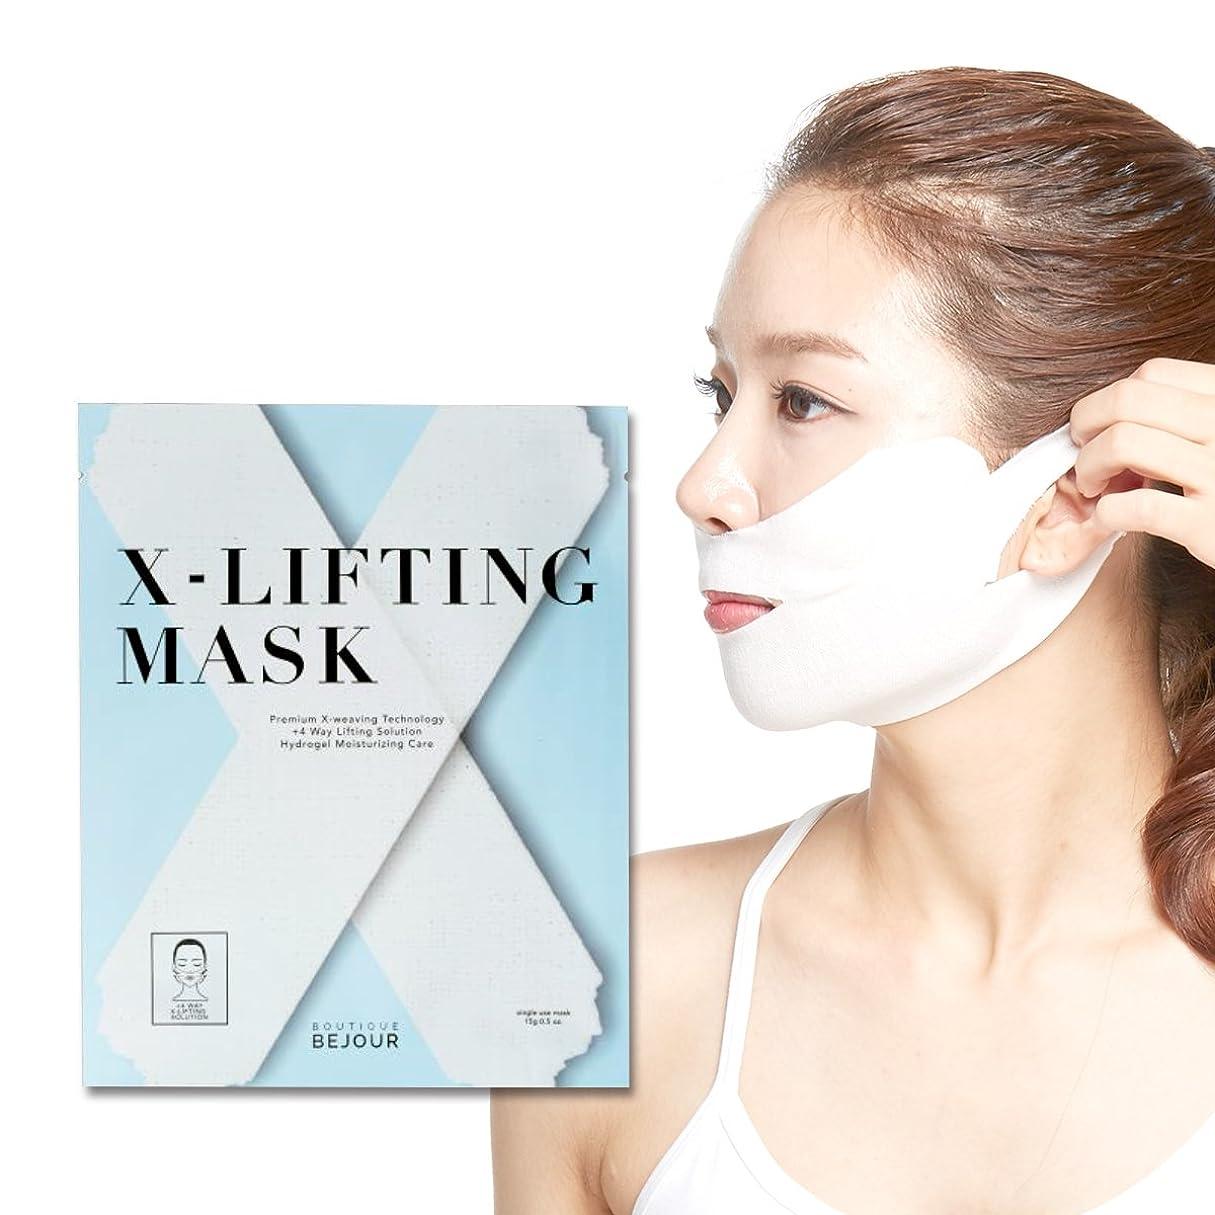 端末ファッションドラゴン< ビジュール > X-Lifting (エックスリフティング) マスク [ リフトアップ フェイスマスク フェイスシート フェイスパック フェイシャルマスク シートマスク フェイシャルシート フェイシャルパック ローションマスク ローションパック 顔パック ]